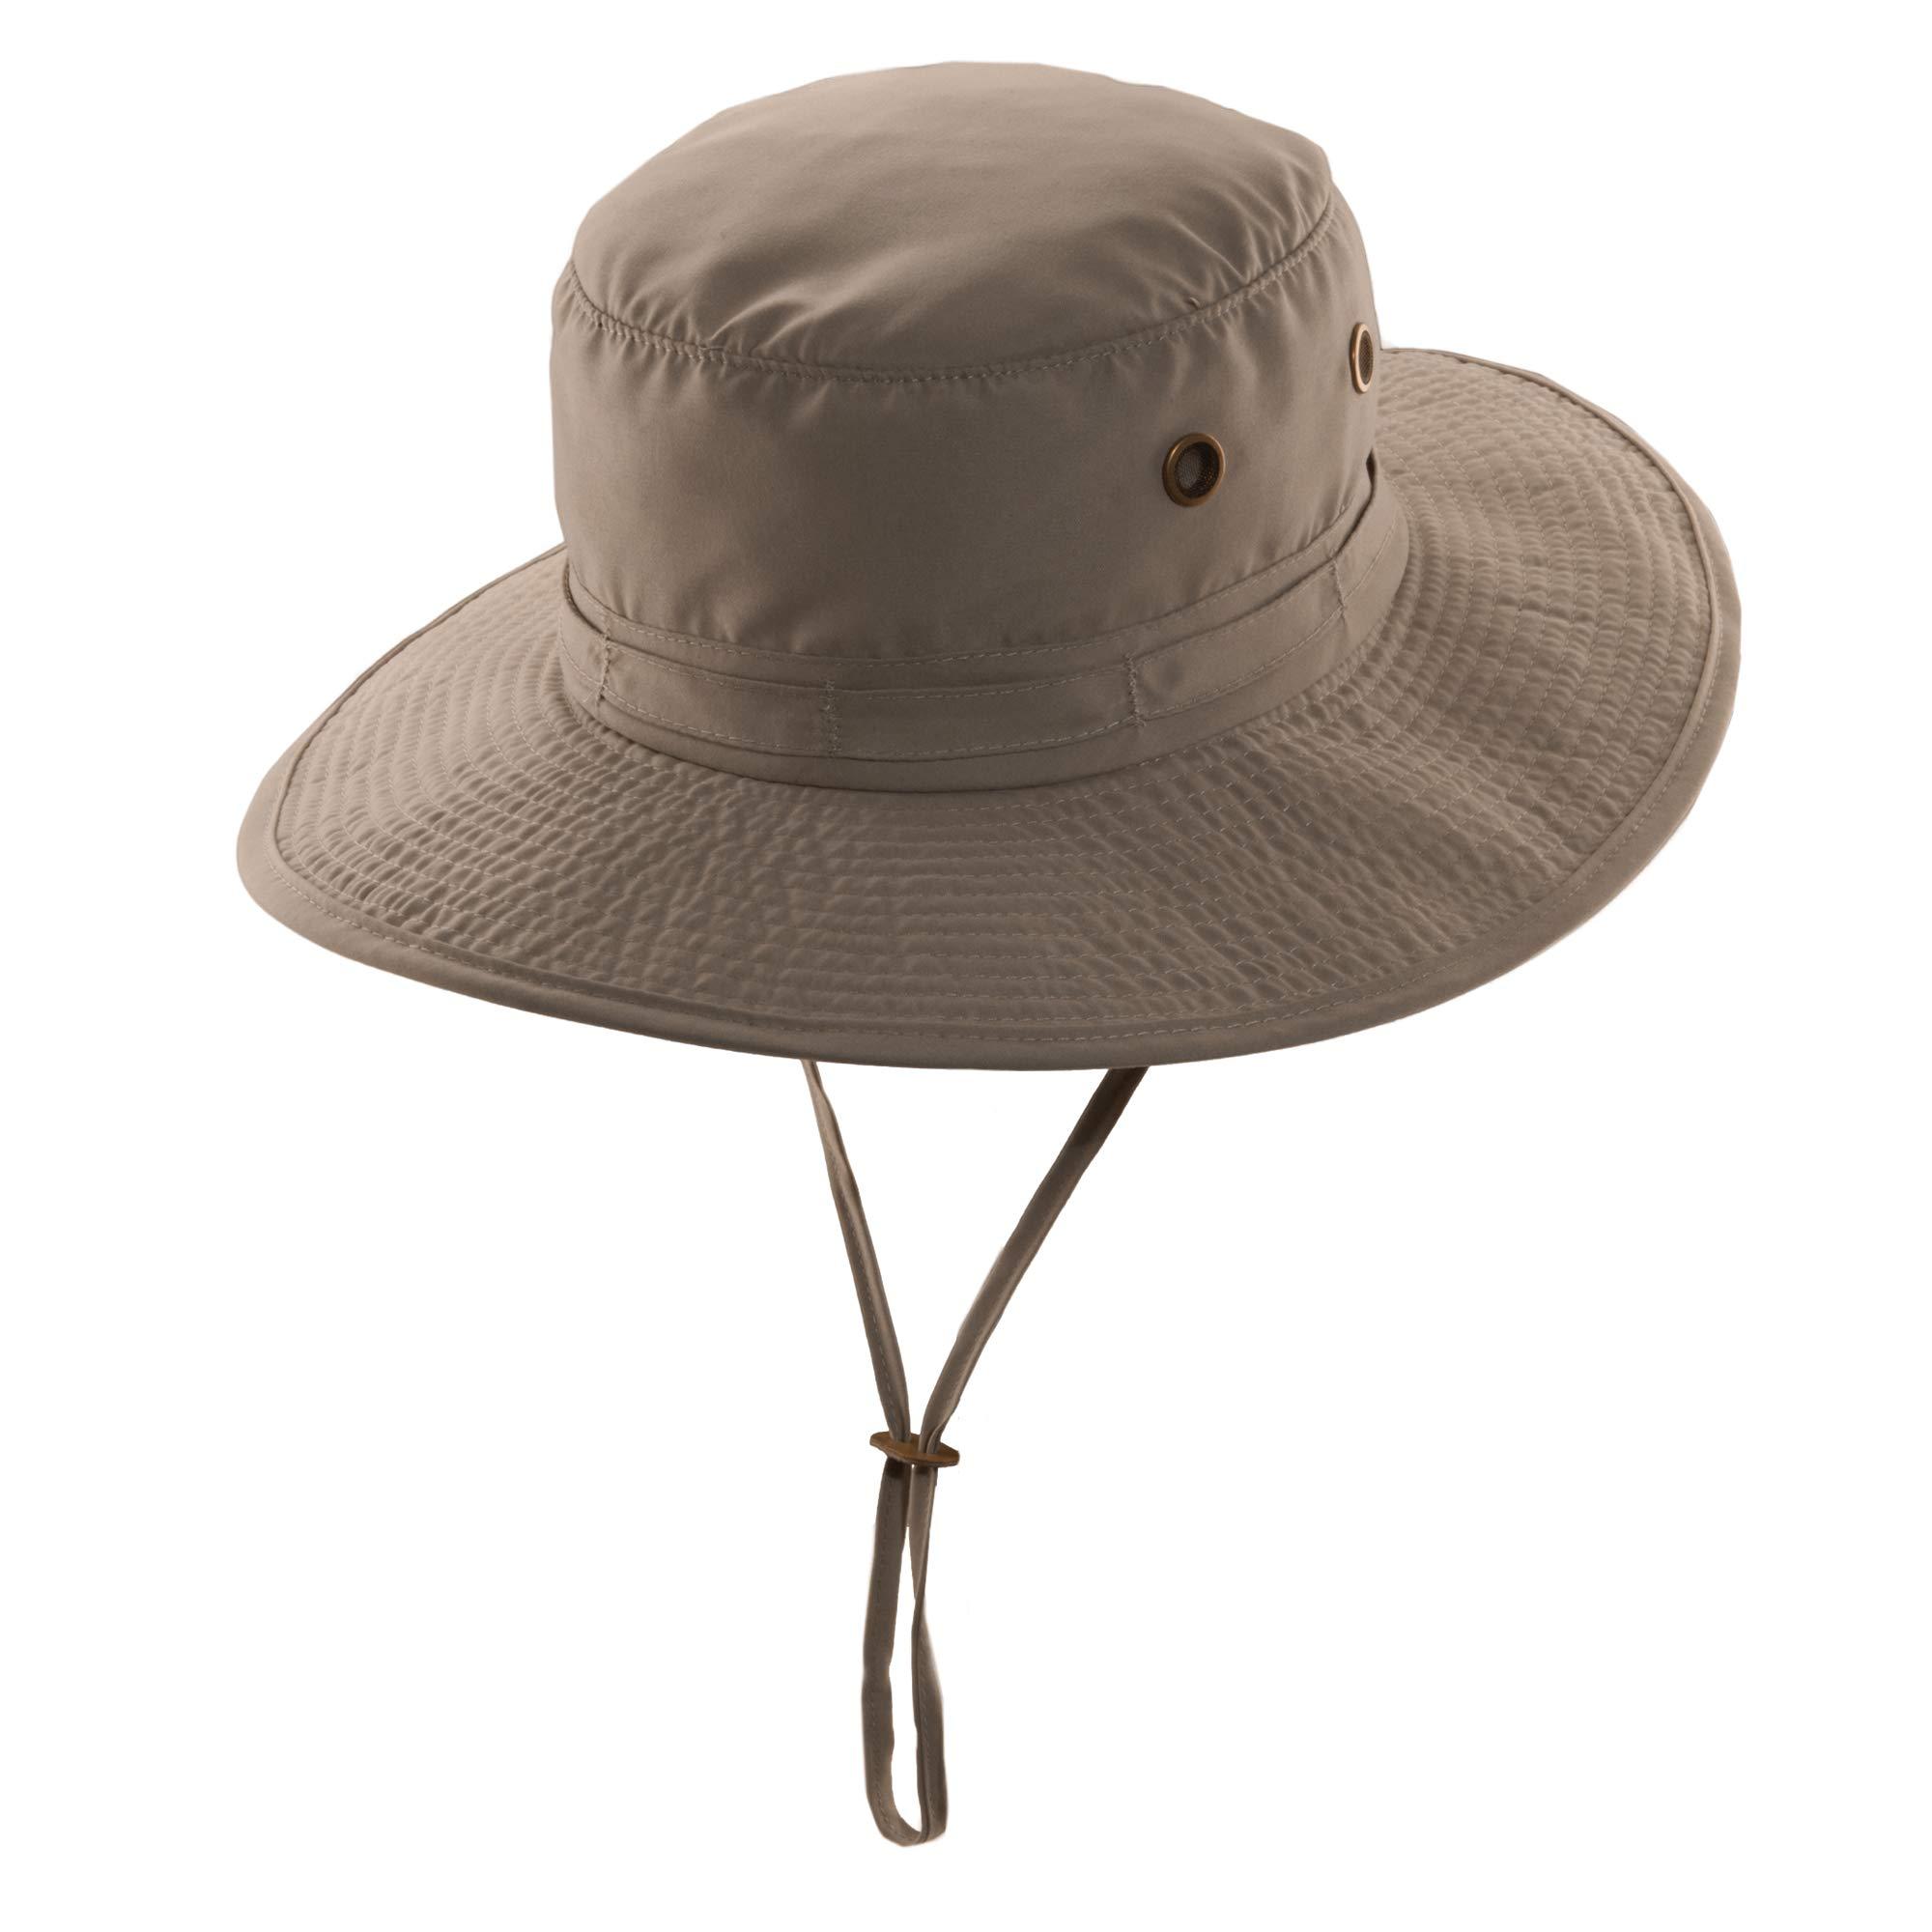 Panama Jack Unisex Drawstring Bucket Hat (Large, Khaki)